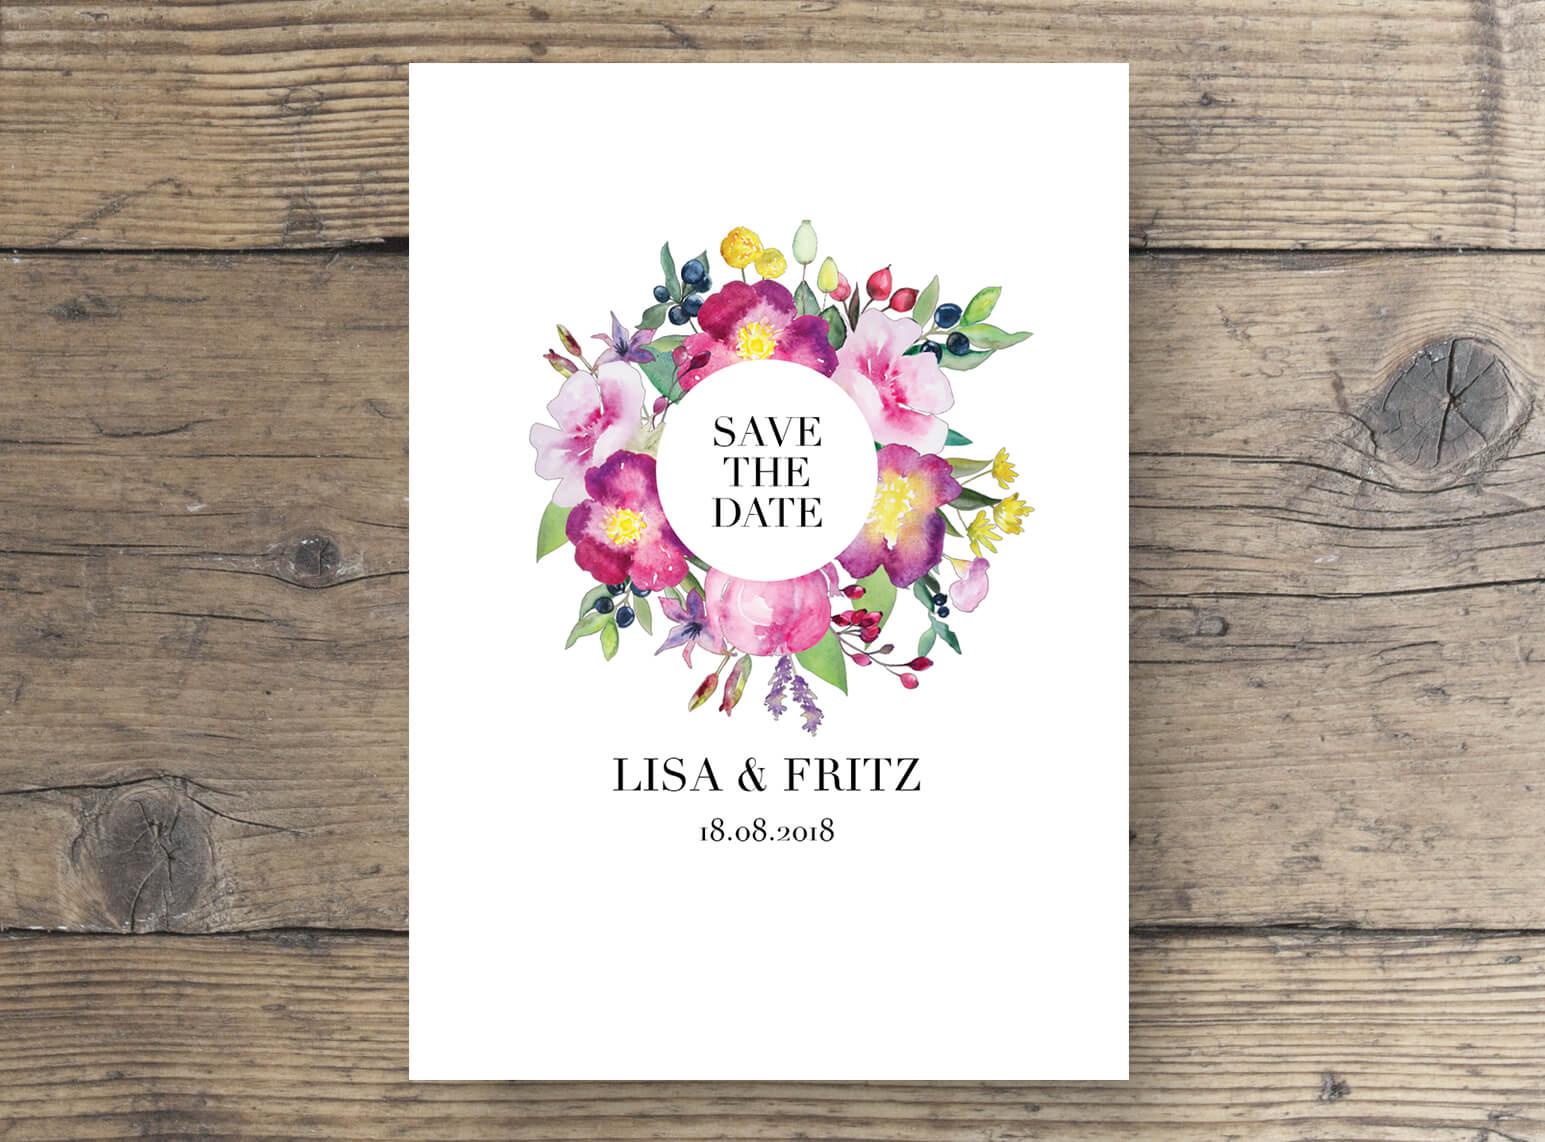 save the date karten Aquarell mit Blumen, Hochzeitskarten wilde Romantik in Aquarell